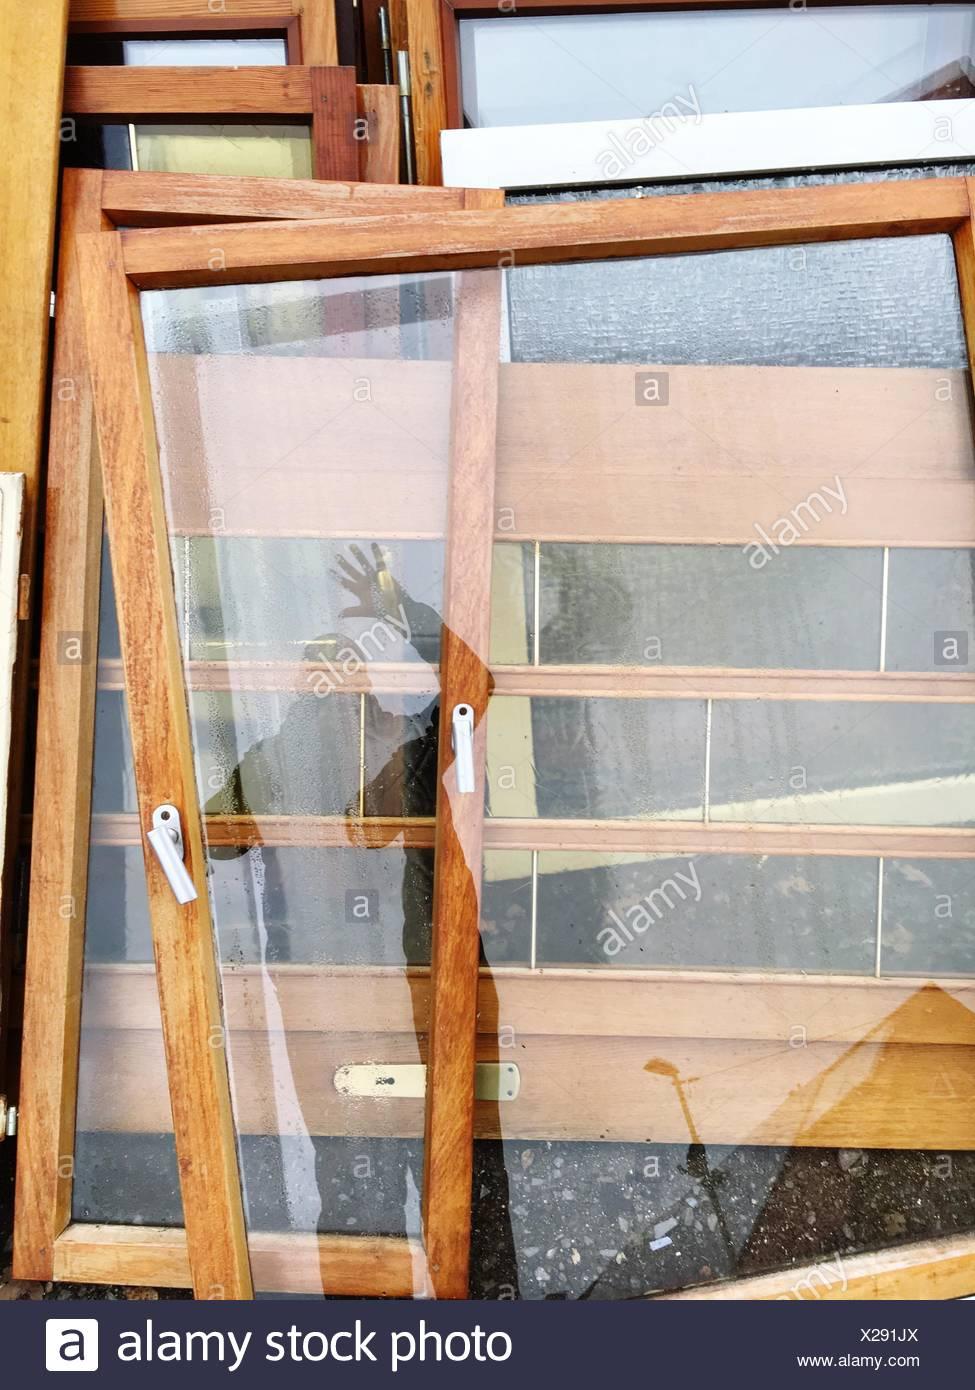 La riflessione di uomo sulla porta di vetro in officina Immagini Stock